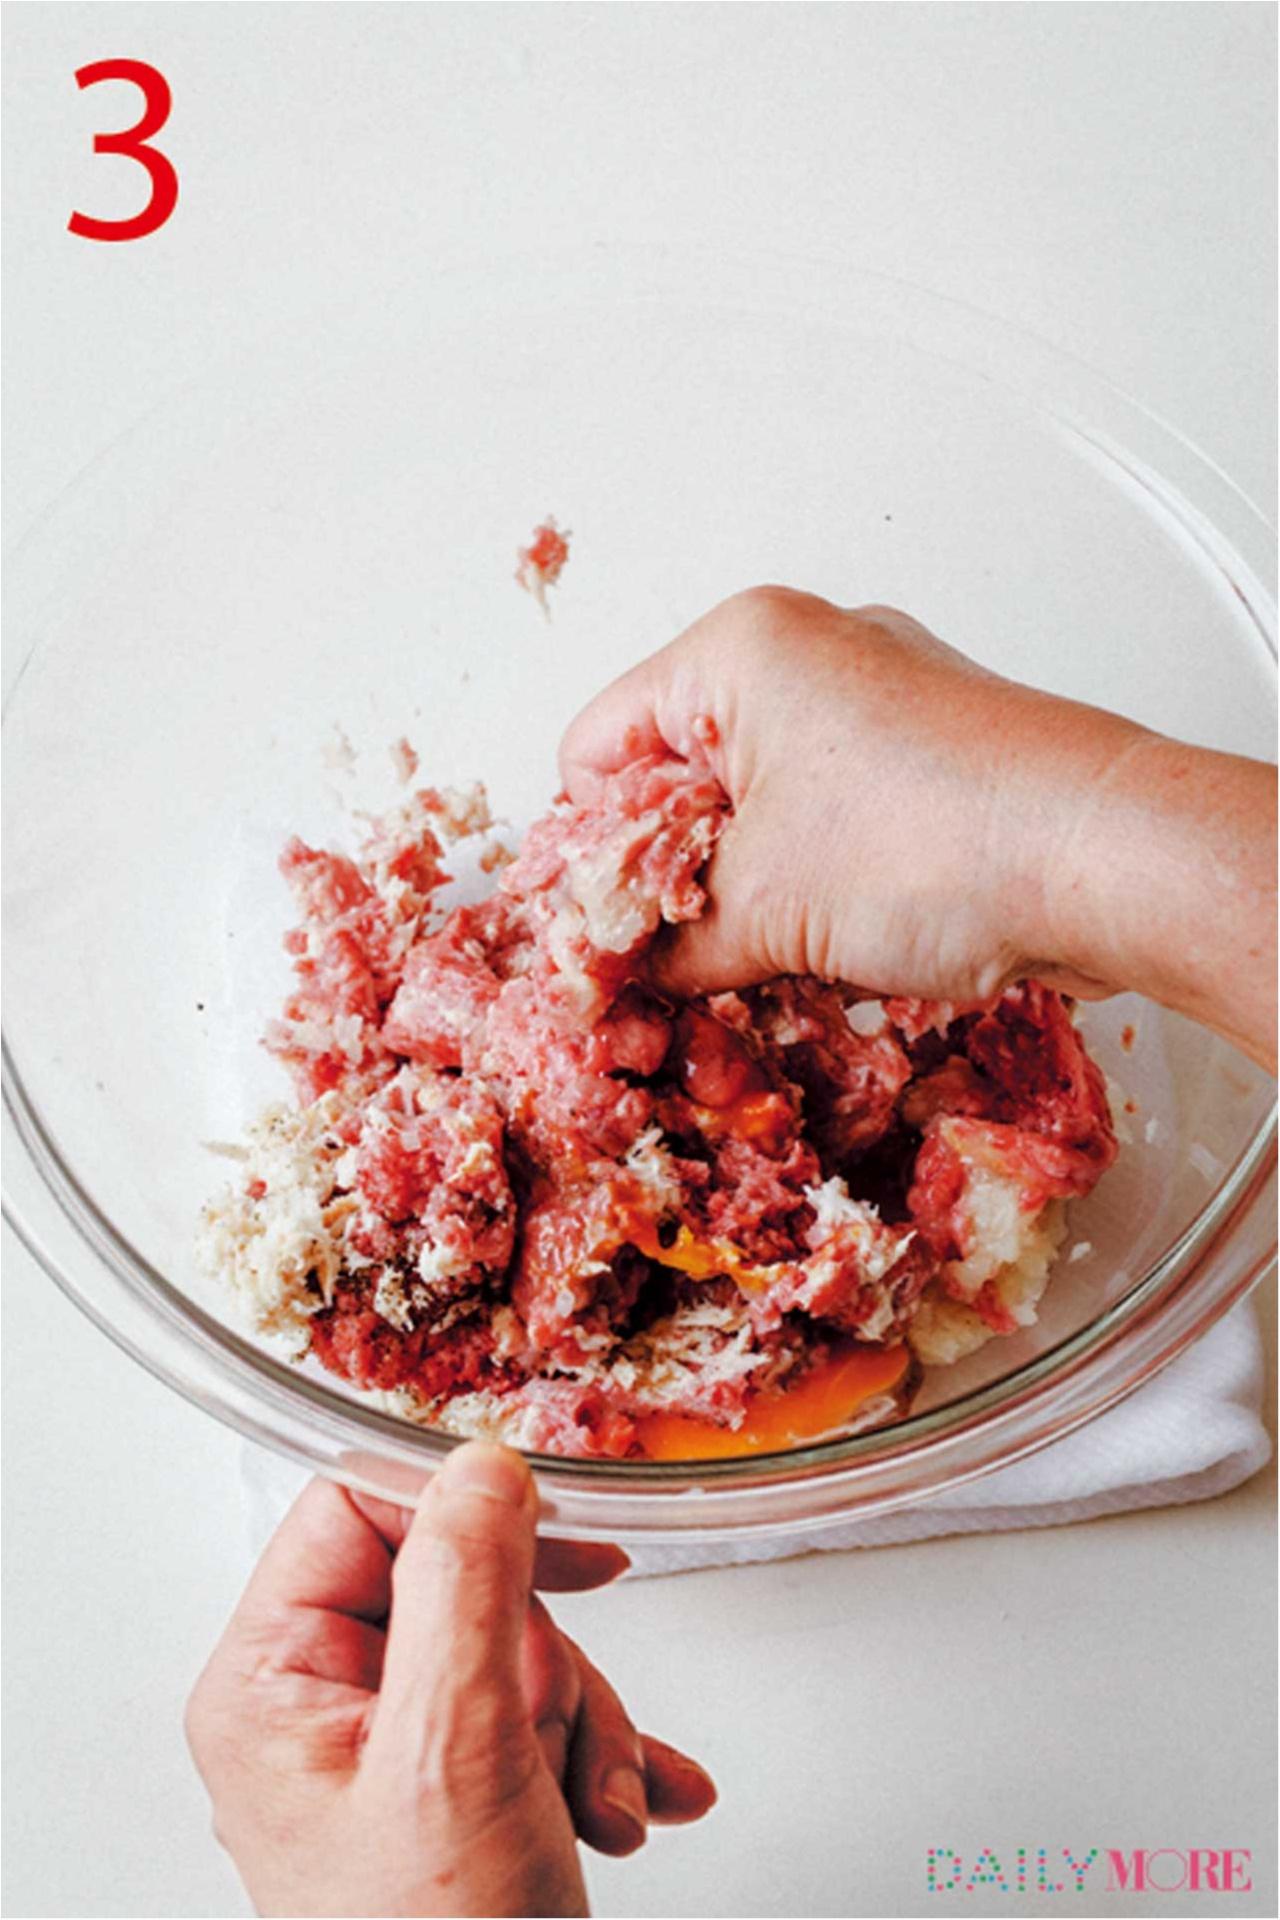 これぞ結婚できるハンバーグ!?  覚えておきたい『世界一おいしい♡ 基本のハンバーグ』レシピ_6